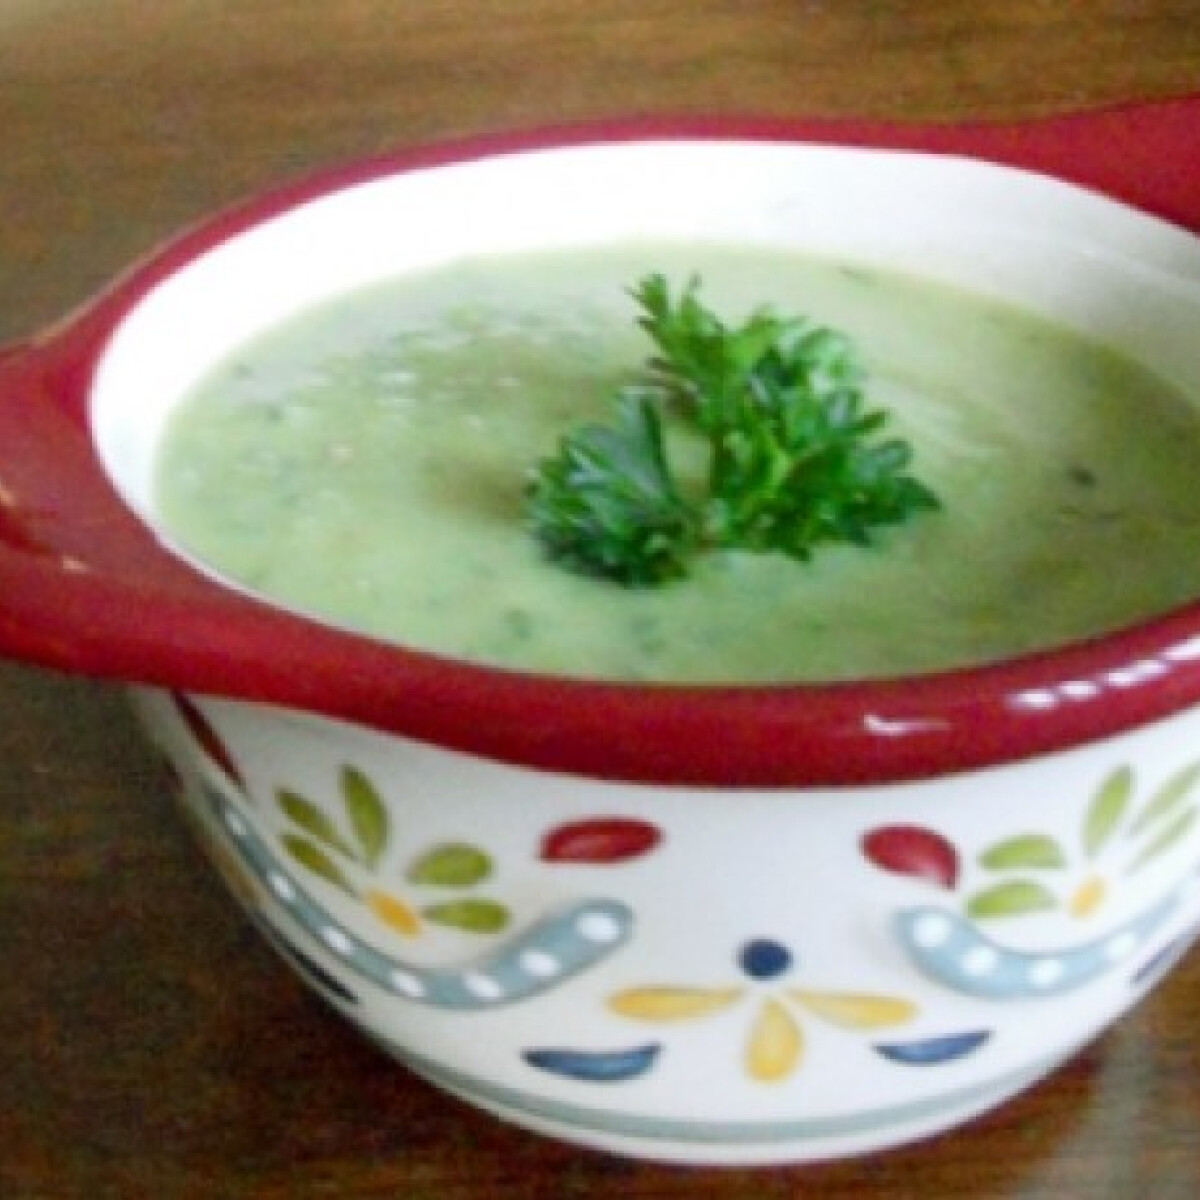 Zöld krémleves Boribon konyhájából